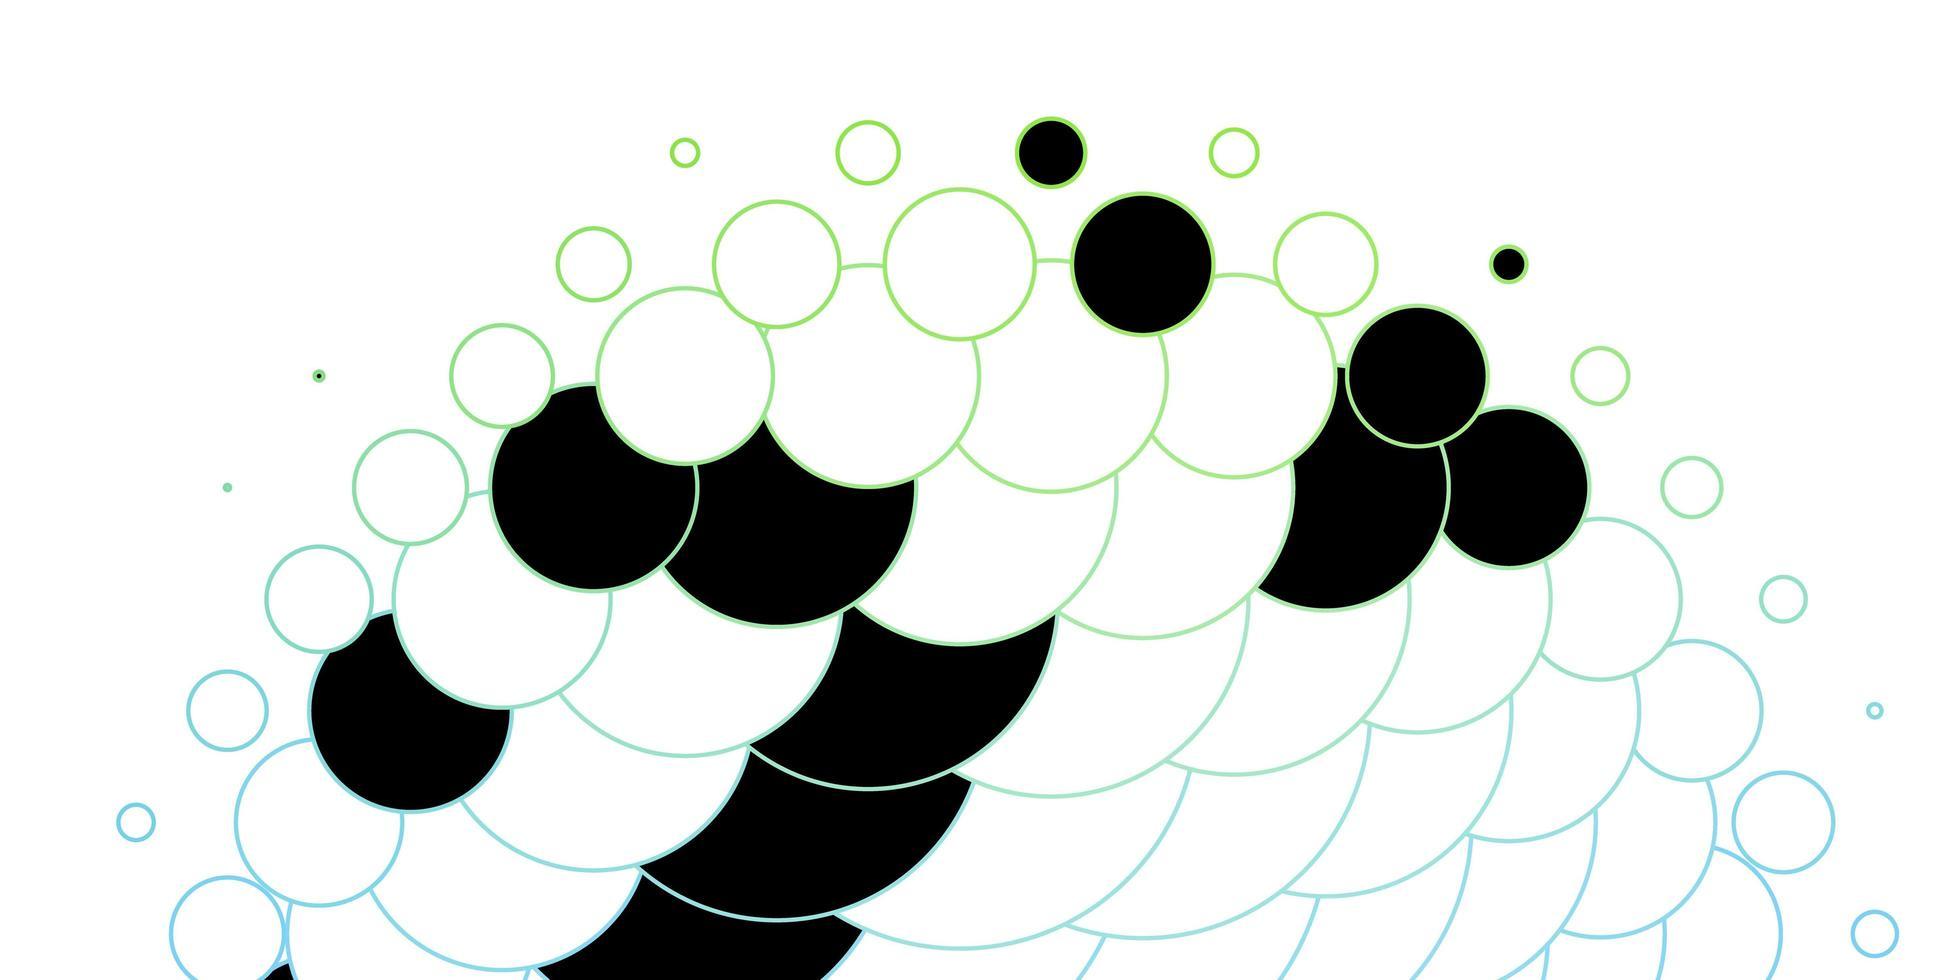 dunkelblauer, grüner Vektorhintergrund mit Kreisen. vektor